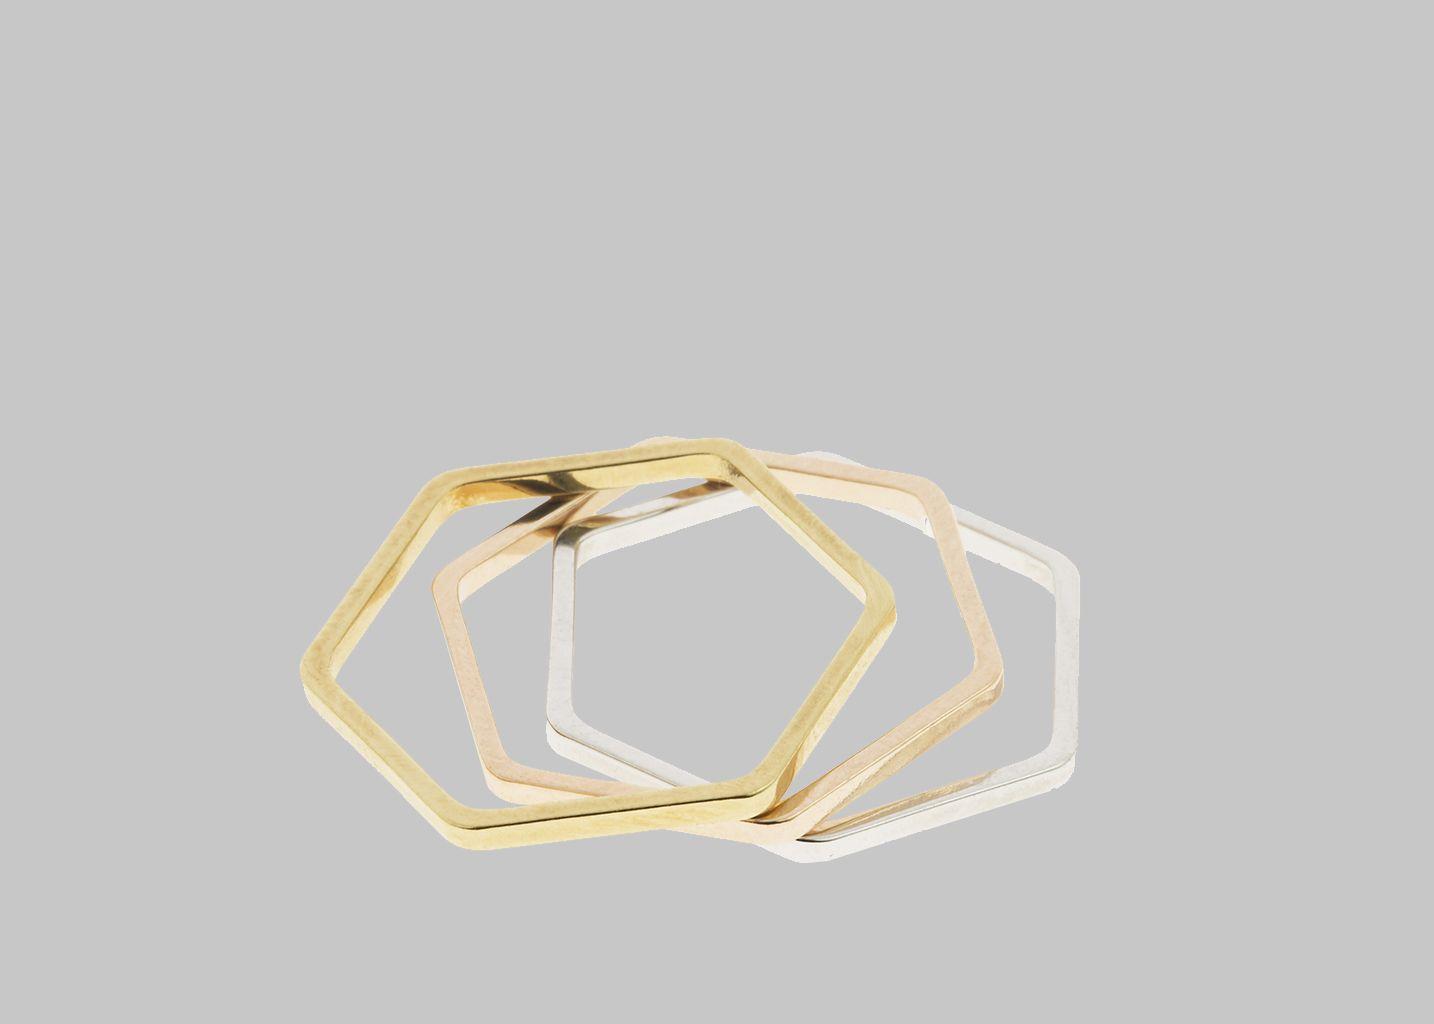 Bague Hexagone - Coralie de Seynes